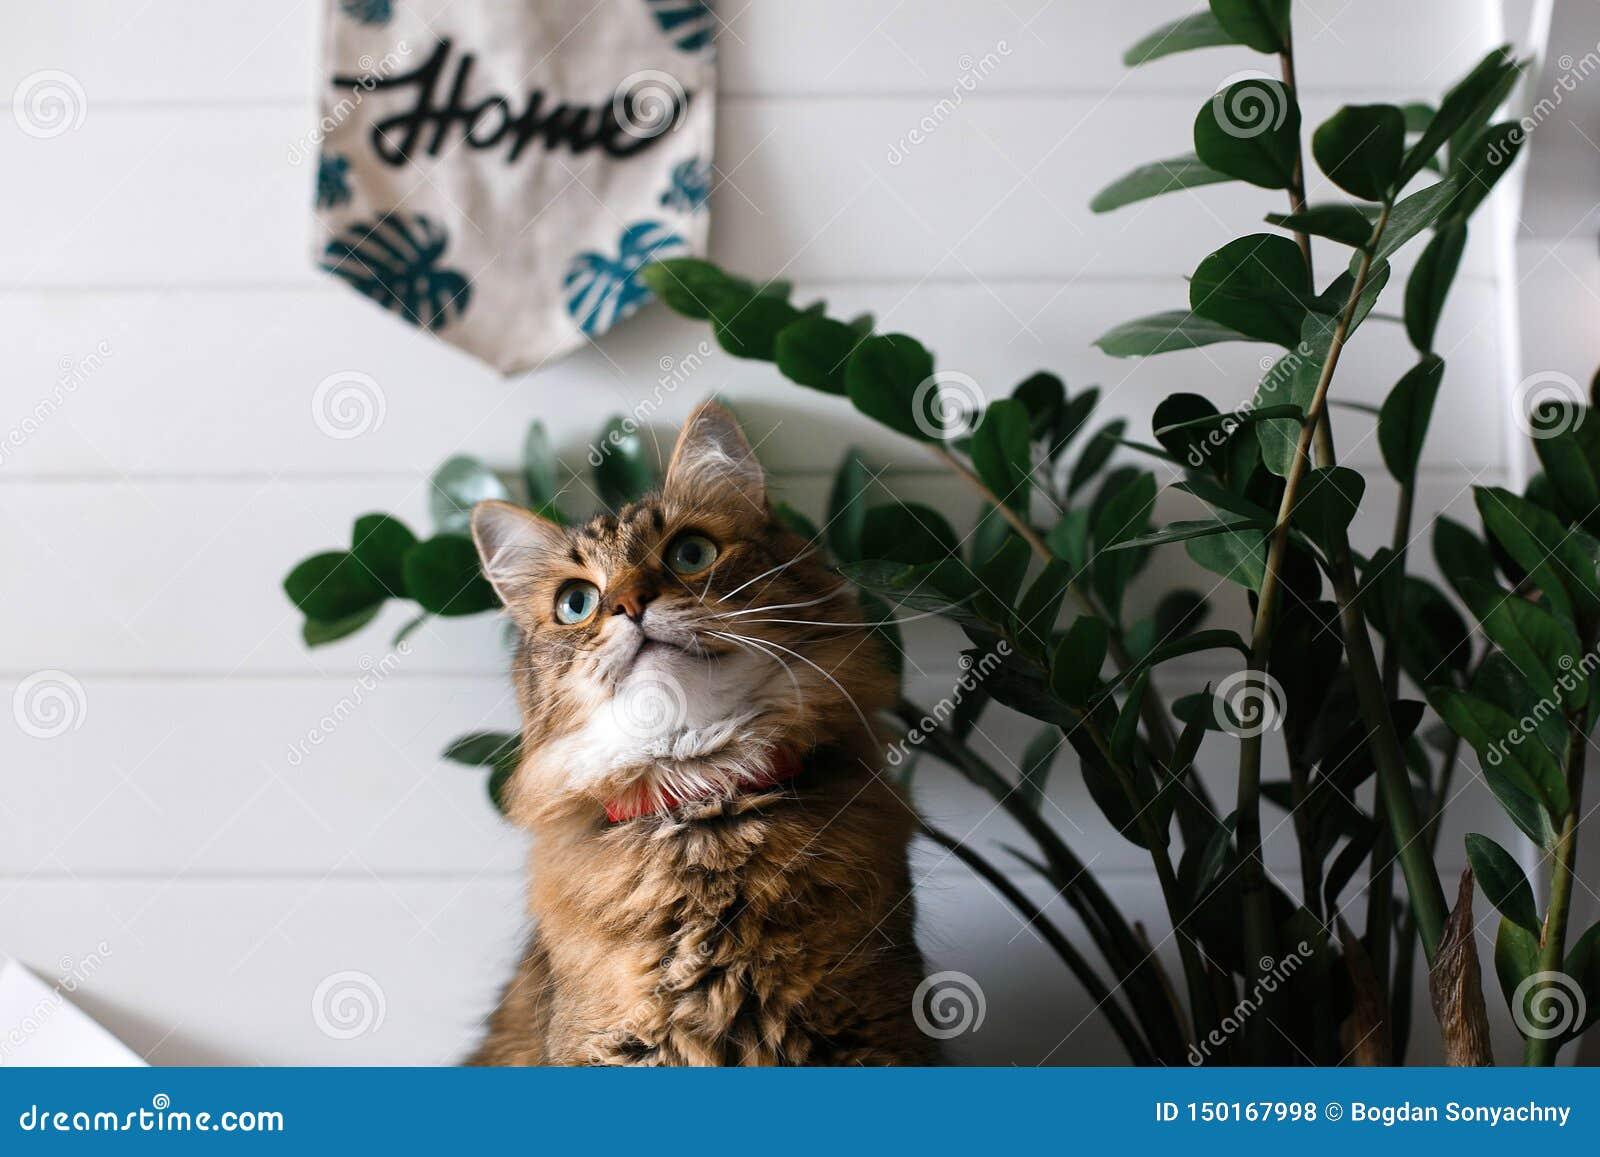 De leuke kattenzitting onder groene installatie vertakt zich en ontspannend op houten plank op witte muur backgroud in modieuze r